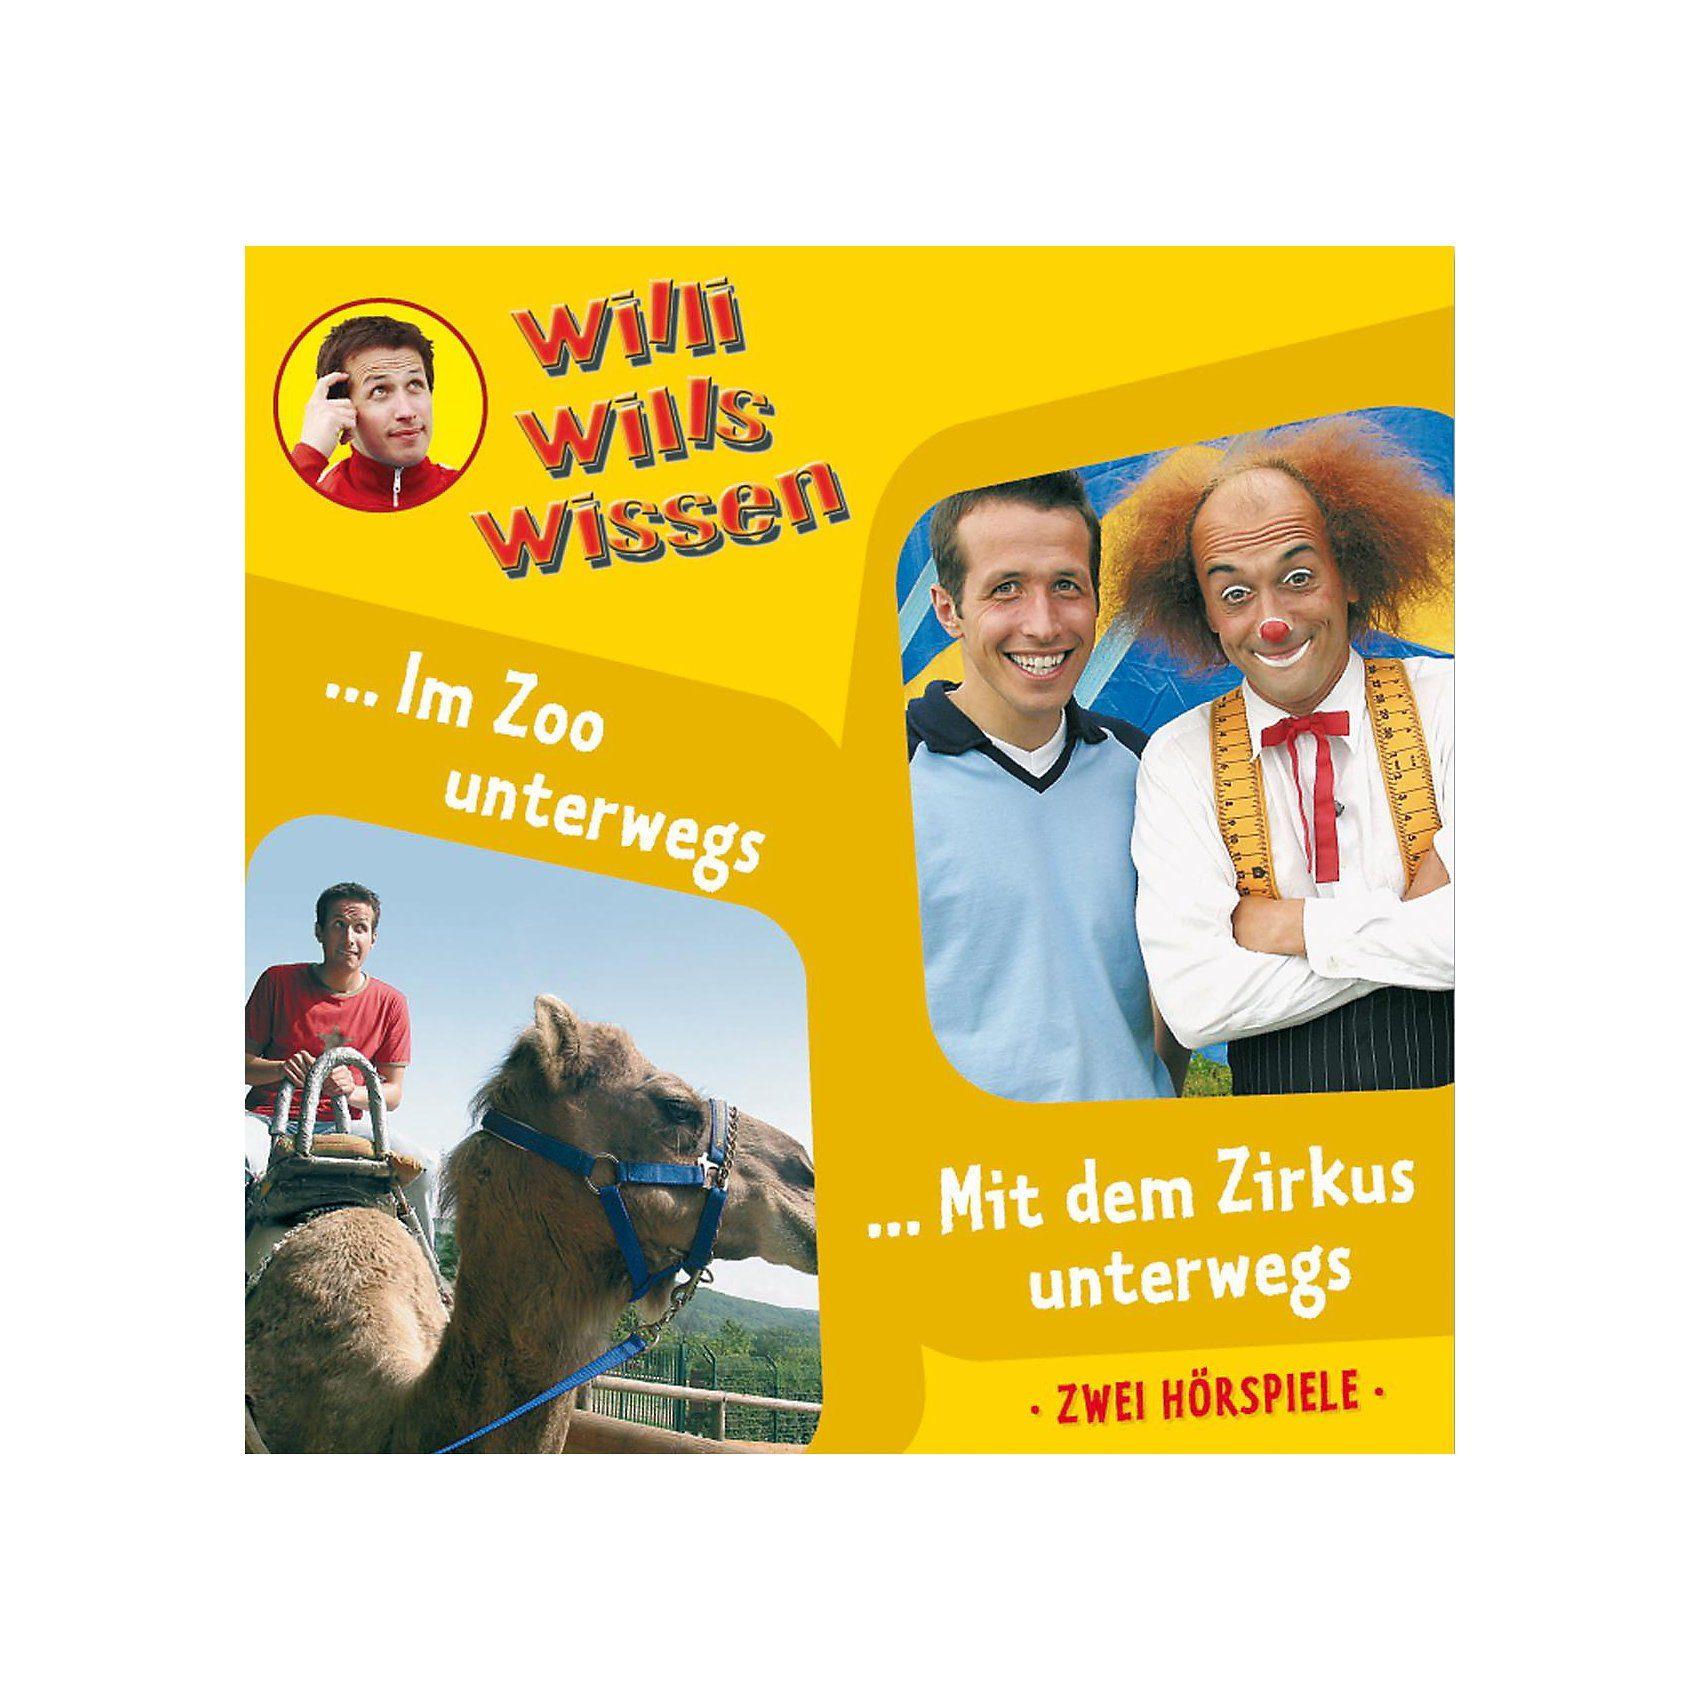 Edel CD Willi wills wissen 05: In Zoo unterwegs/ Mit dem Zirkus u